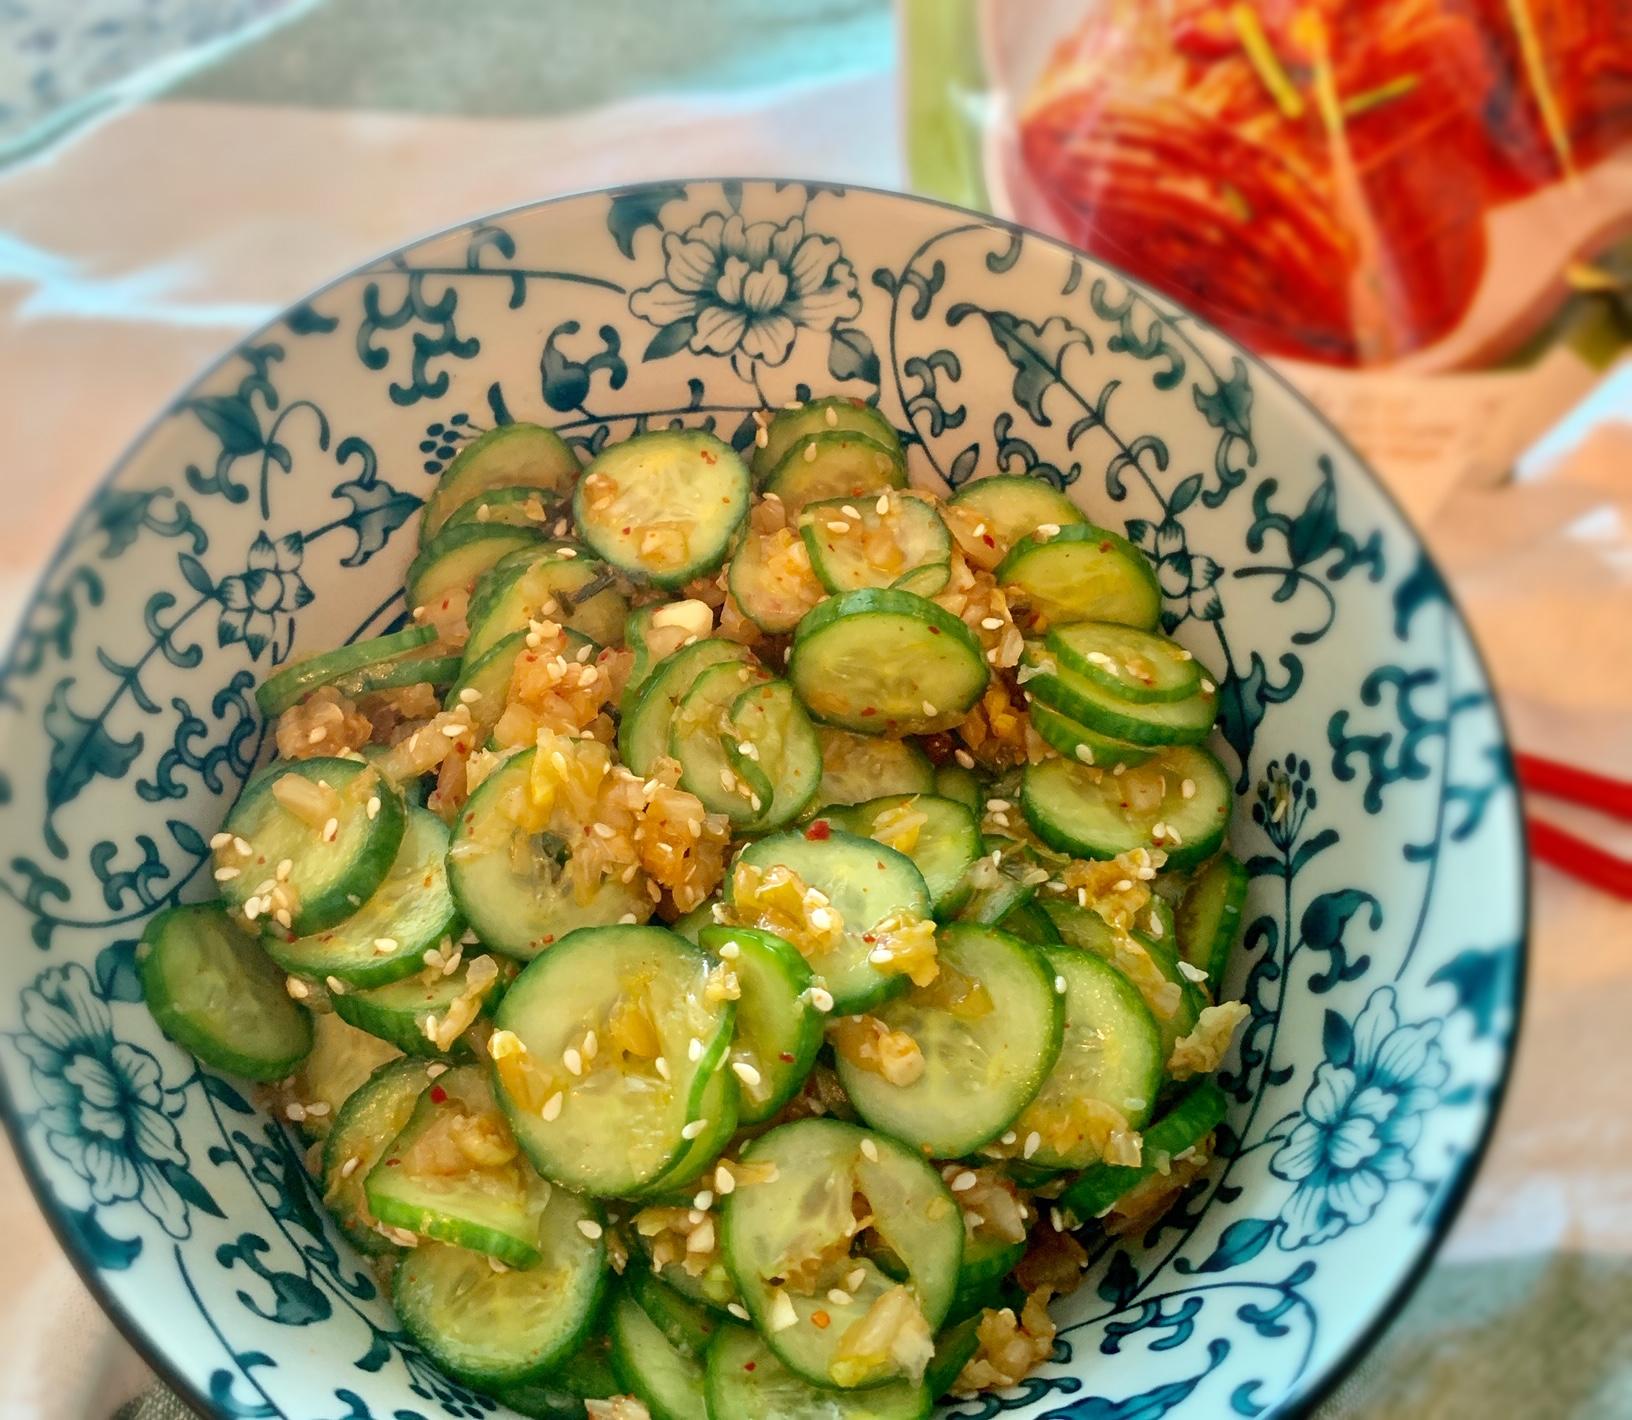 Spicy Cucumber Salad韩式辣黄瓜hán shì là huáng guā